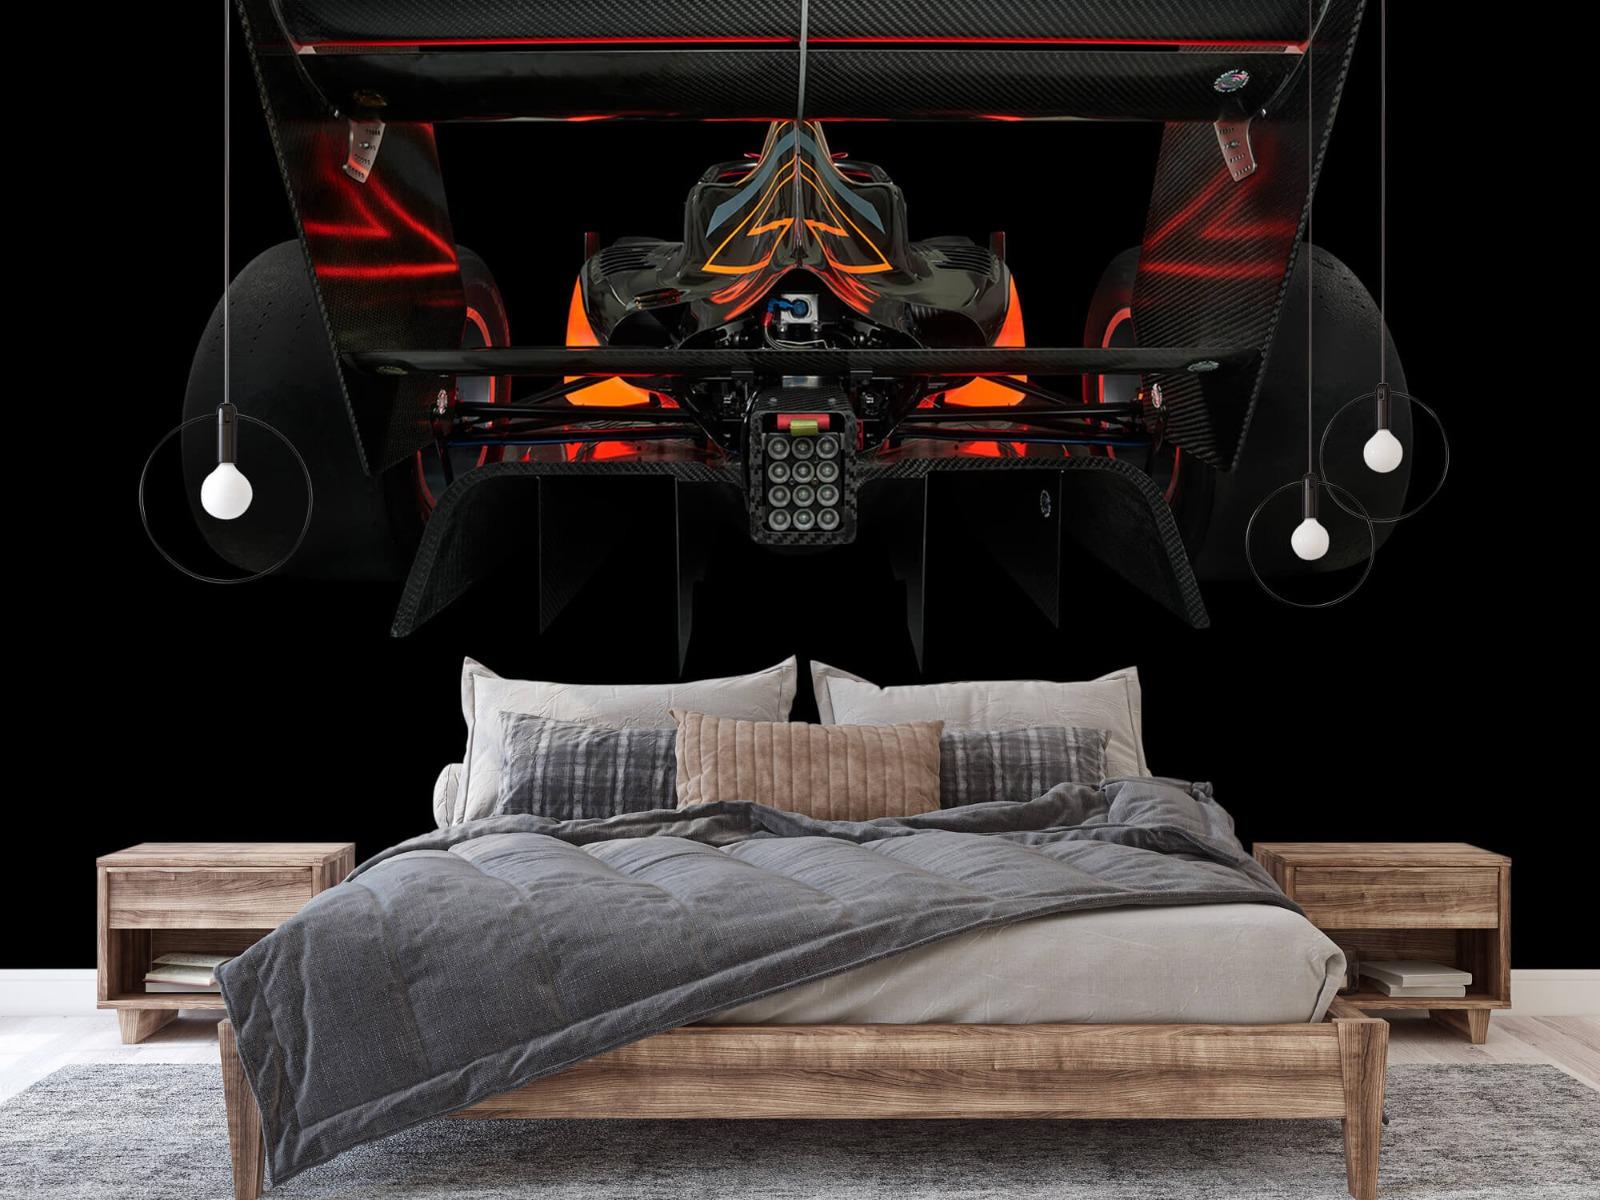 Sportauto's - Formule 3 - Lower rear view - dark - Garage 19